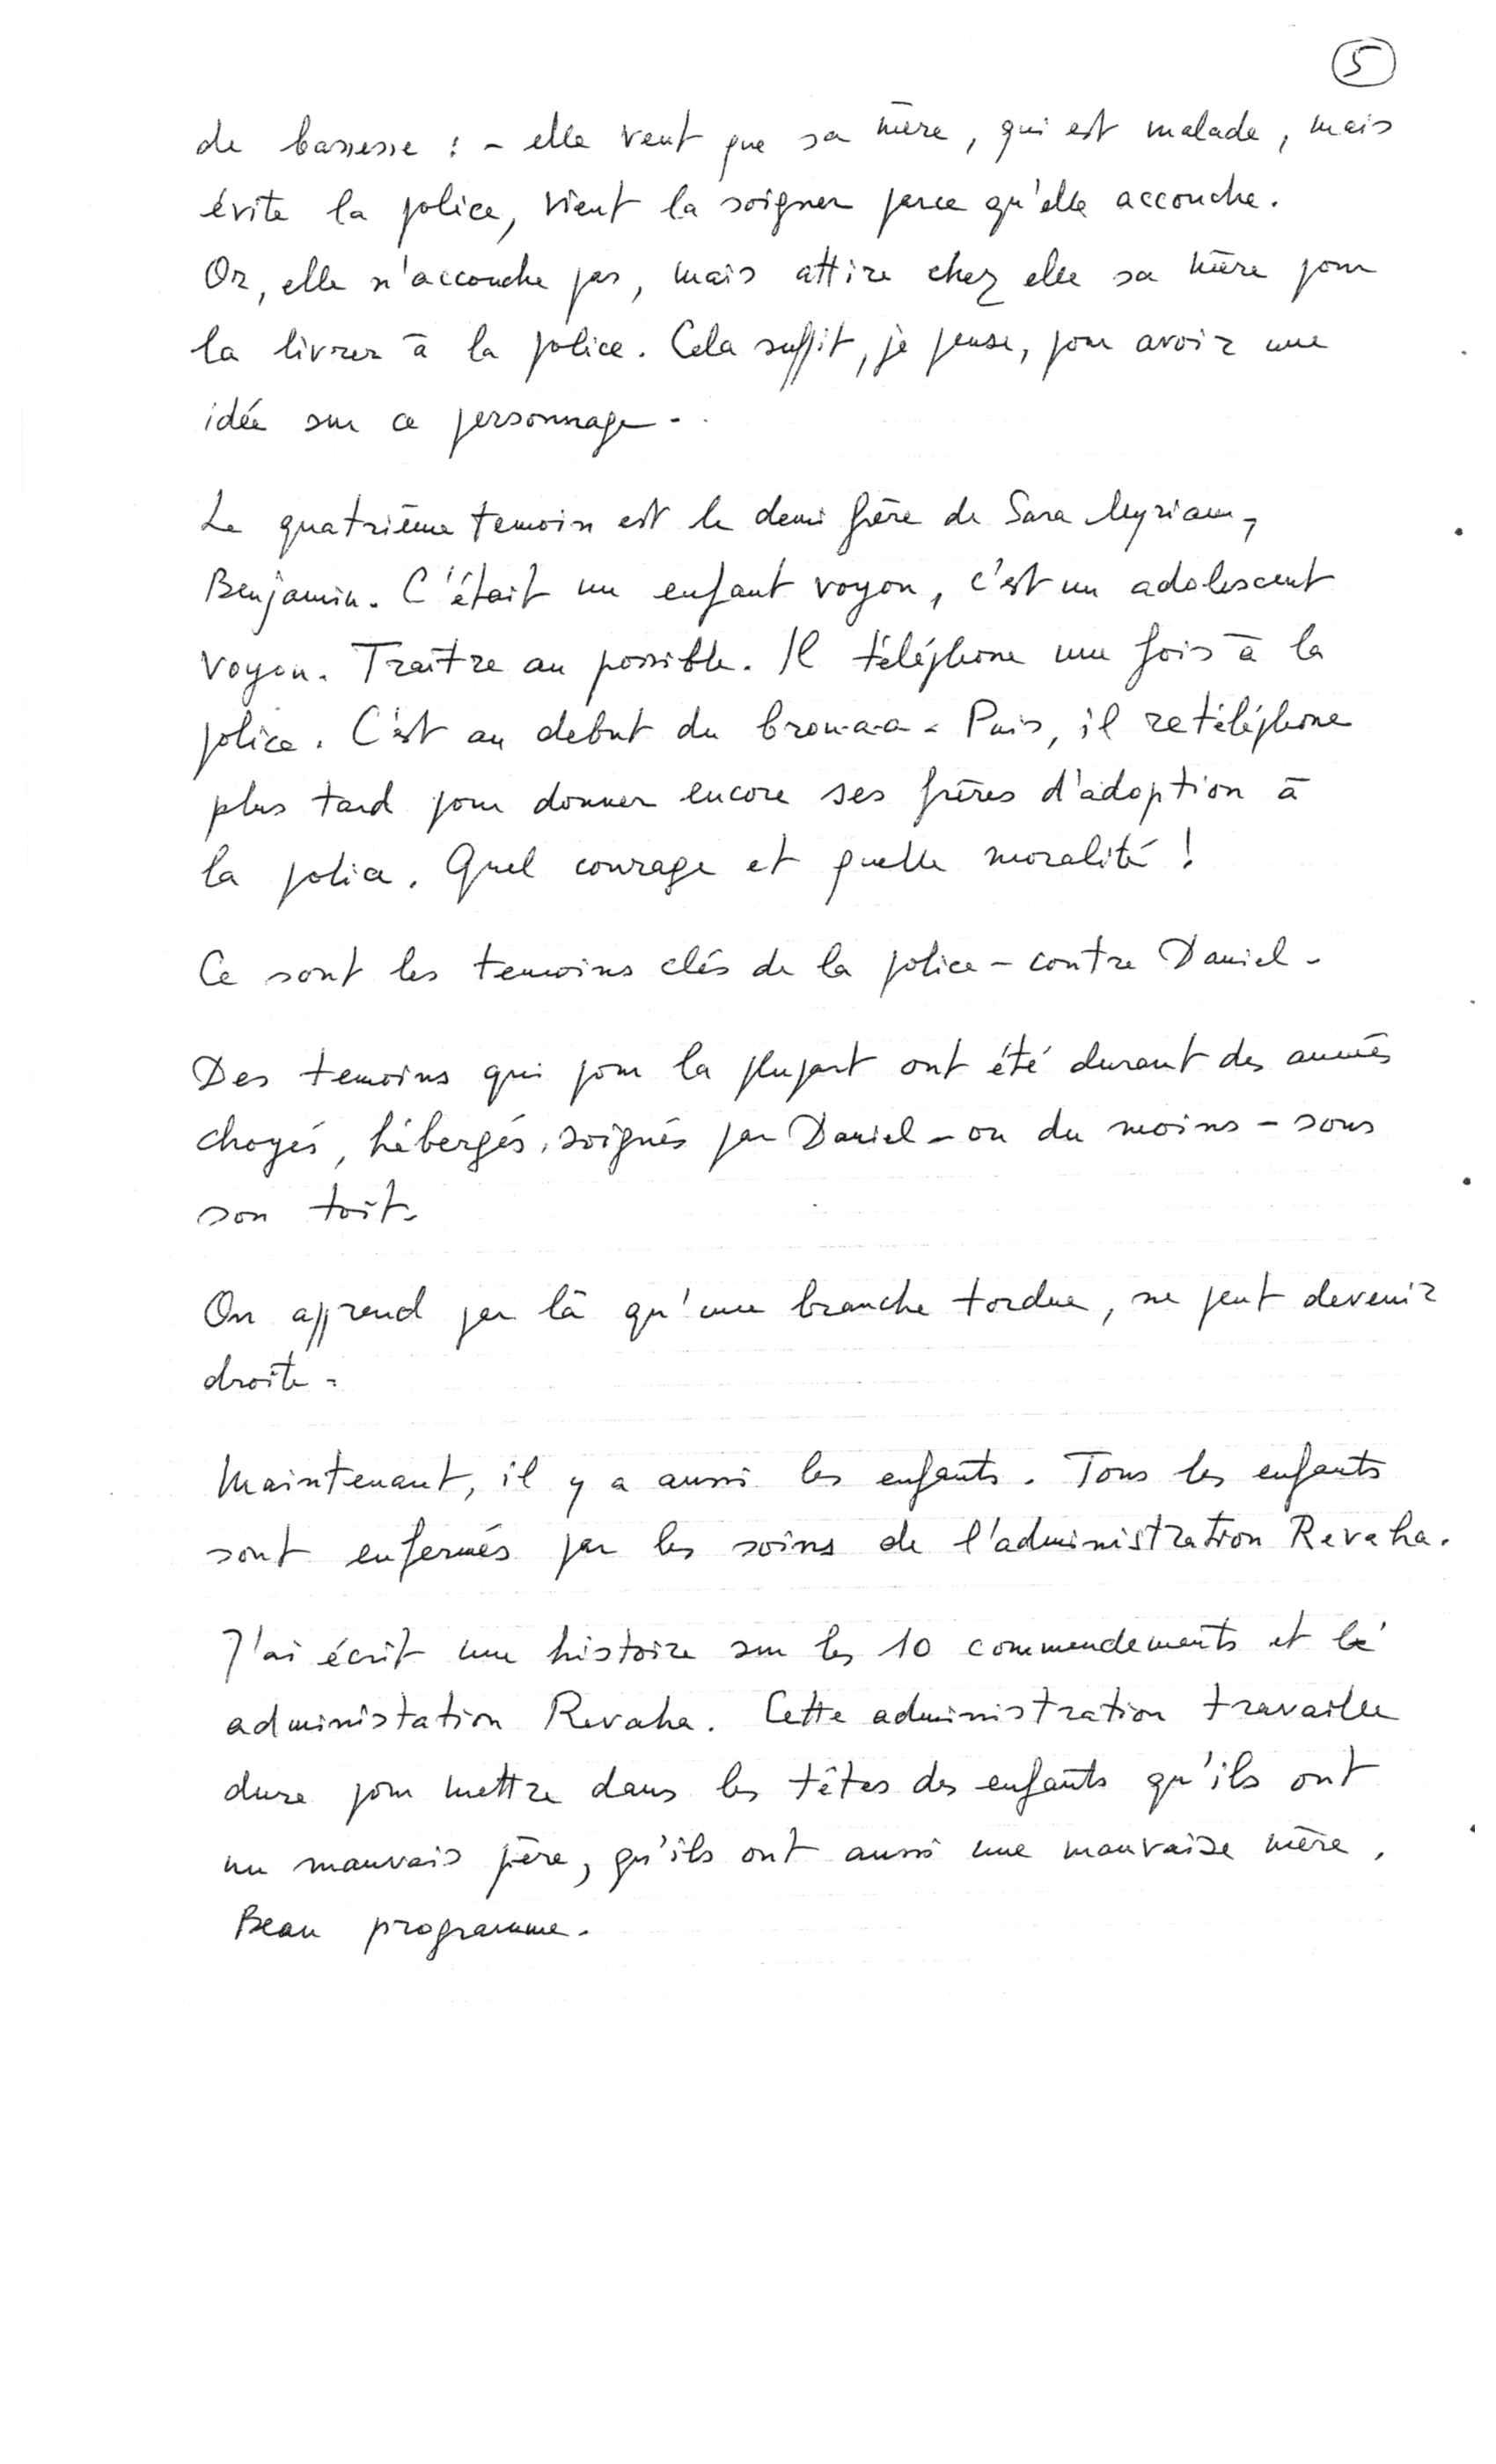 Nina 13 Page Notes copie_Page_08.jpg